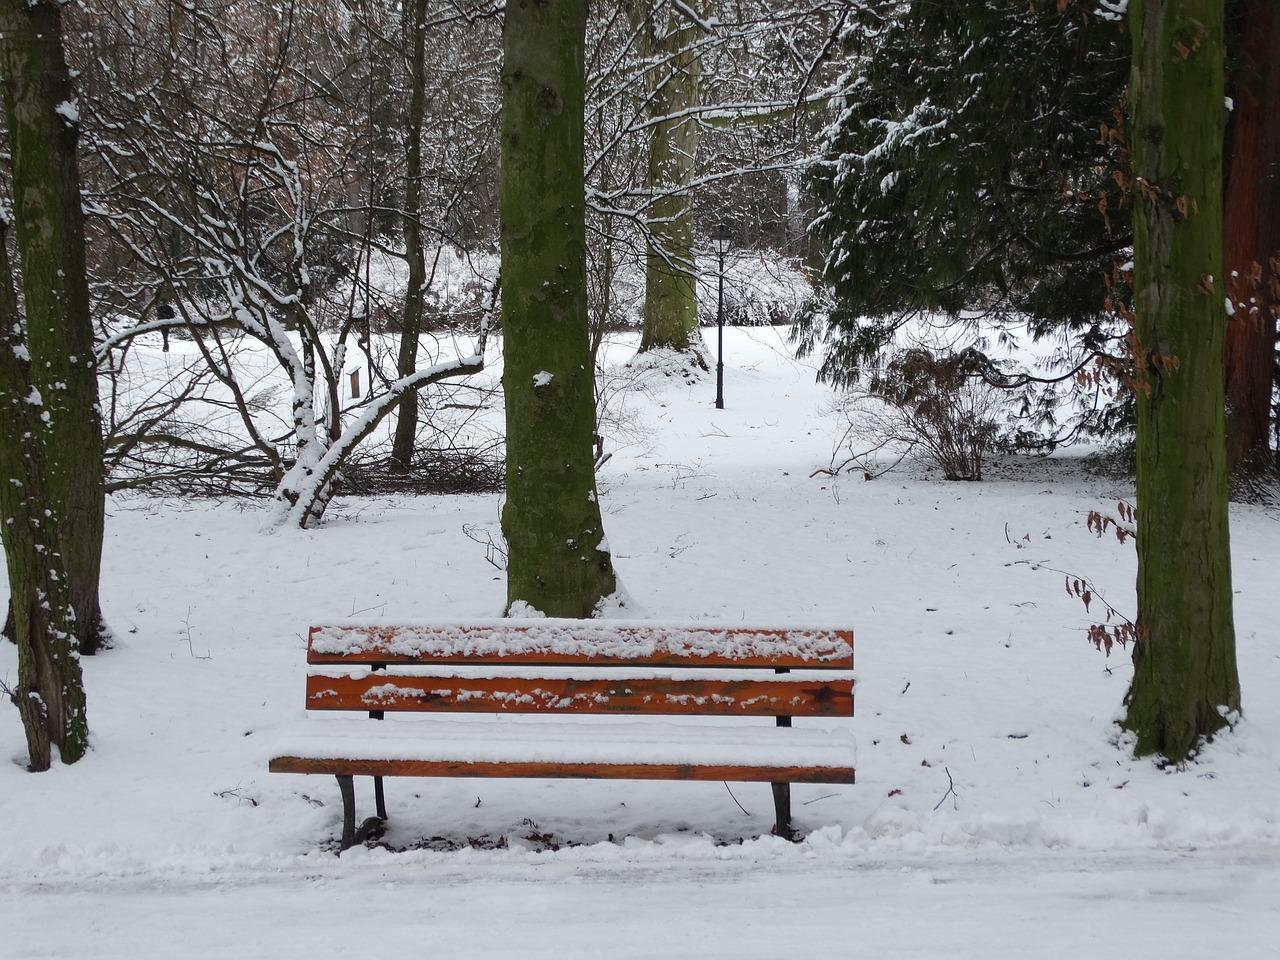 этот скамейка под снегом картинки помощью